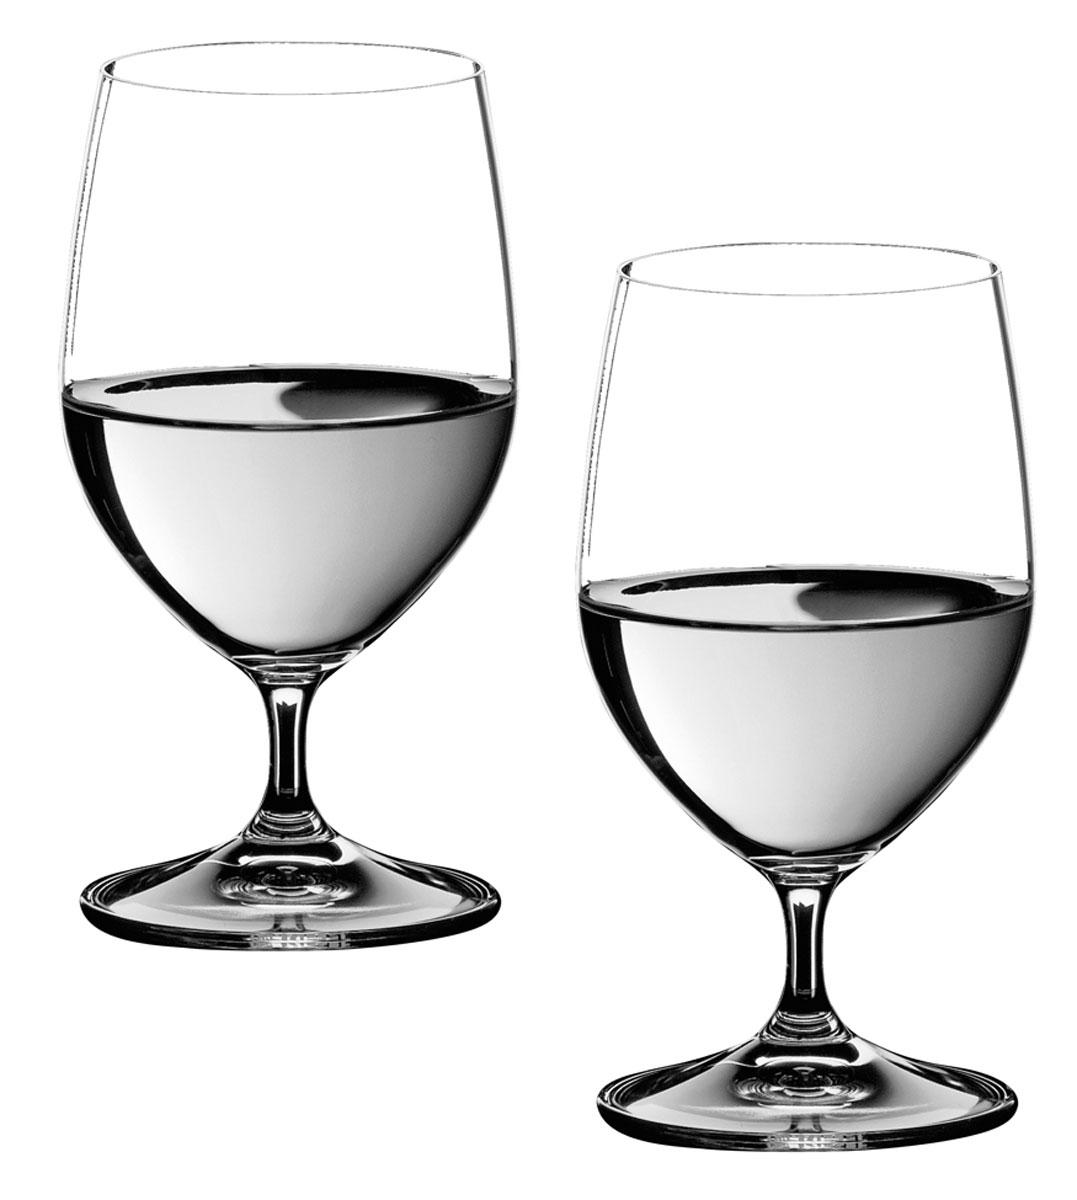 Набор бокалов Riedel Water, 350 мл, 2 шт6416/02Набор Riedel Water состоит из двух бокалов, выполненных из прочного стекла. Бокалы предназначены для подачи воды. Они сочетают в себе элегантный дизайн и функциональность. Благодаря такому набору пить напитки будет еще вкуснее.Набор бокалов Riedel Water прекрасно оформит праздничный стол и создаст приятную атмосферу за романтическим ужином. Такой набор также станет хорошим подарком к любому случаю. Можно мыть в посудомоечной машине.Диаметр бокала (по верхнему краю): 6,5 см. Высота бокала: 14,5 см.